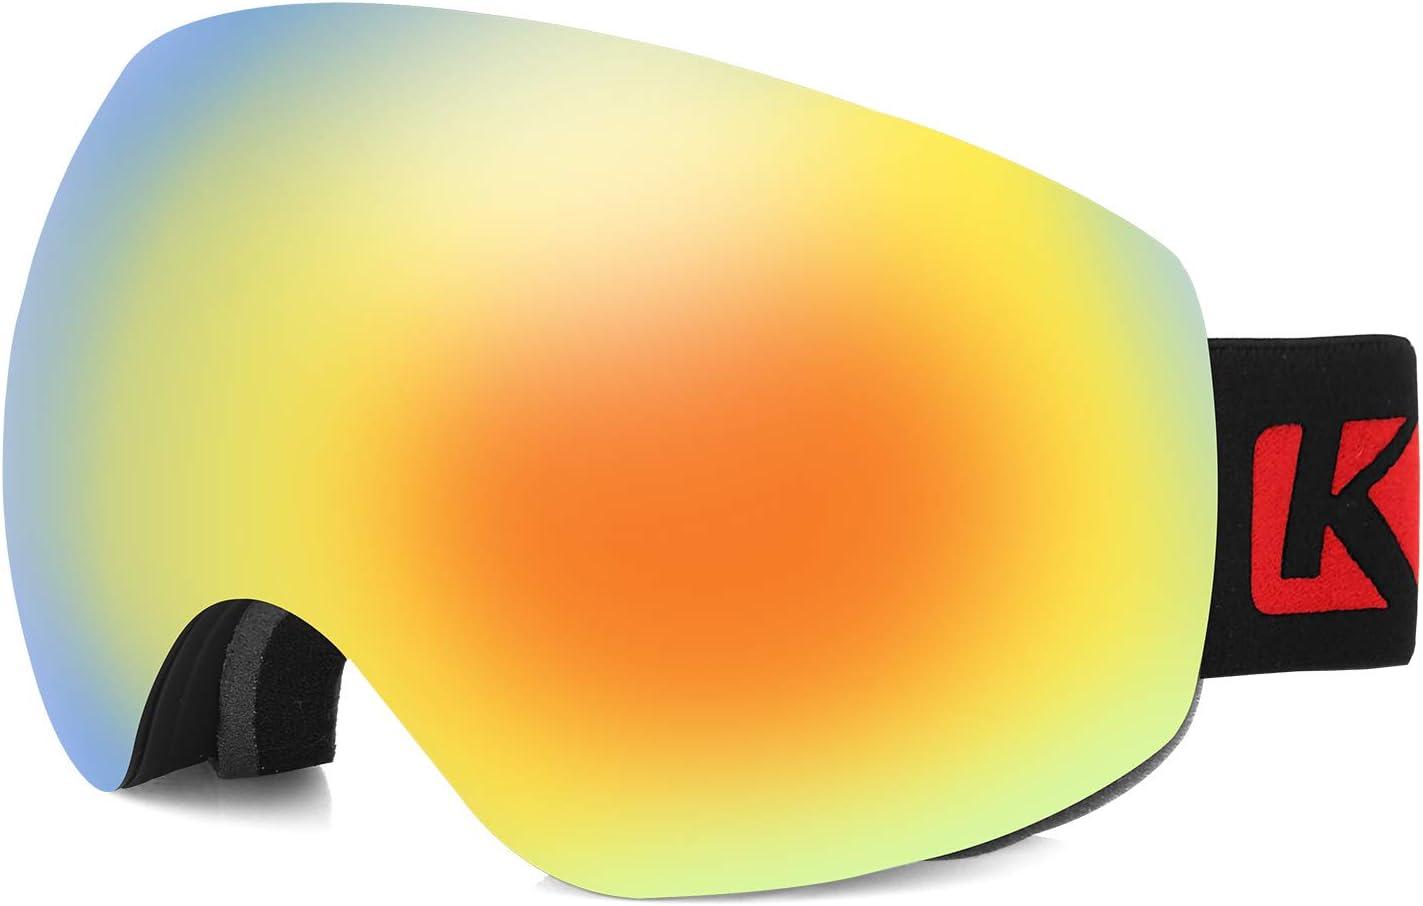 KUTOOK Gafas De Esquí Snowboard Nieve para Hombre Mujer Adultos Anti Niebla Máscara Gafas De Ventisca Snow Ski Esquiar Doble Capa Lente 100% UV400 Protección